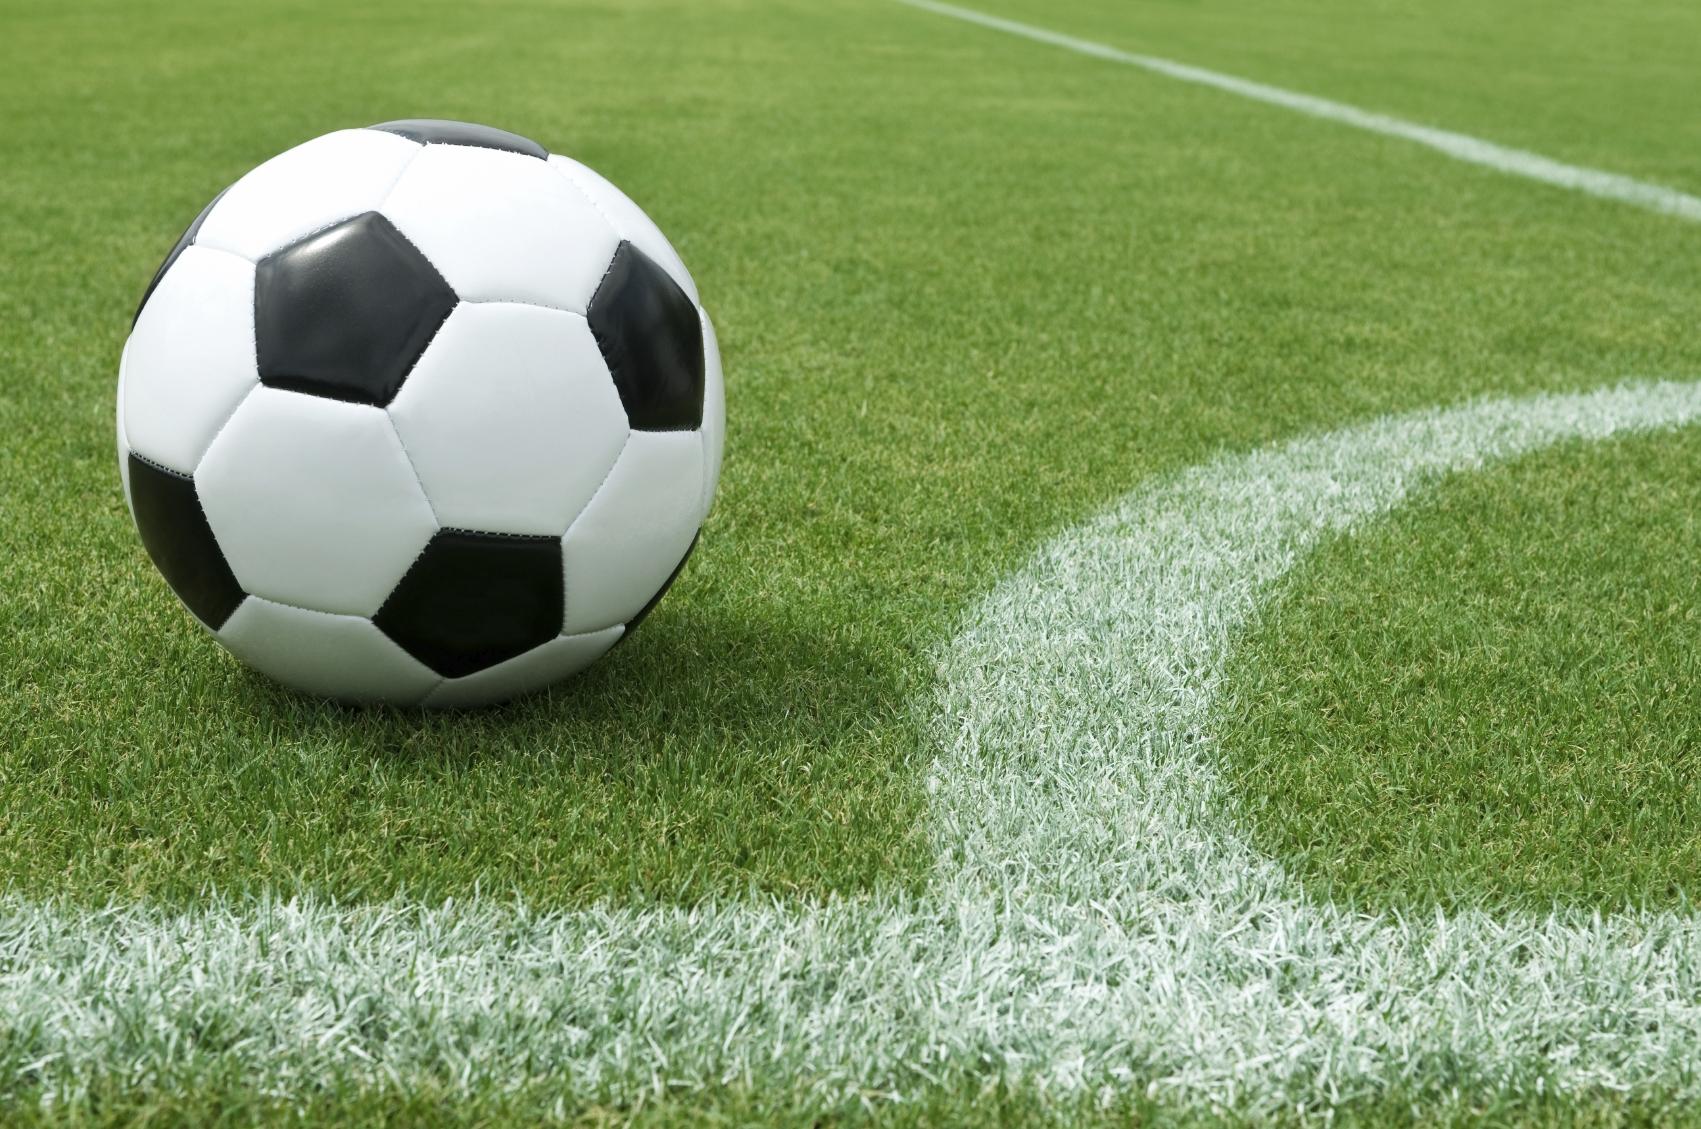 pallone-calcio-11